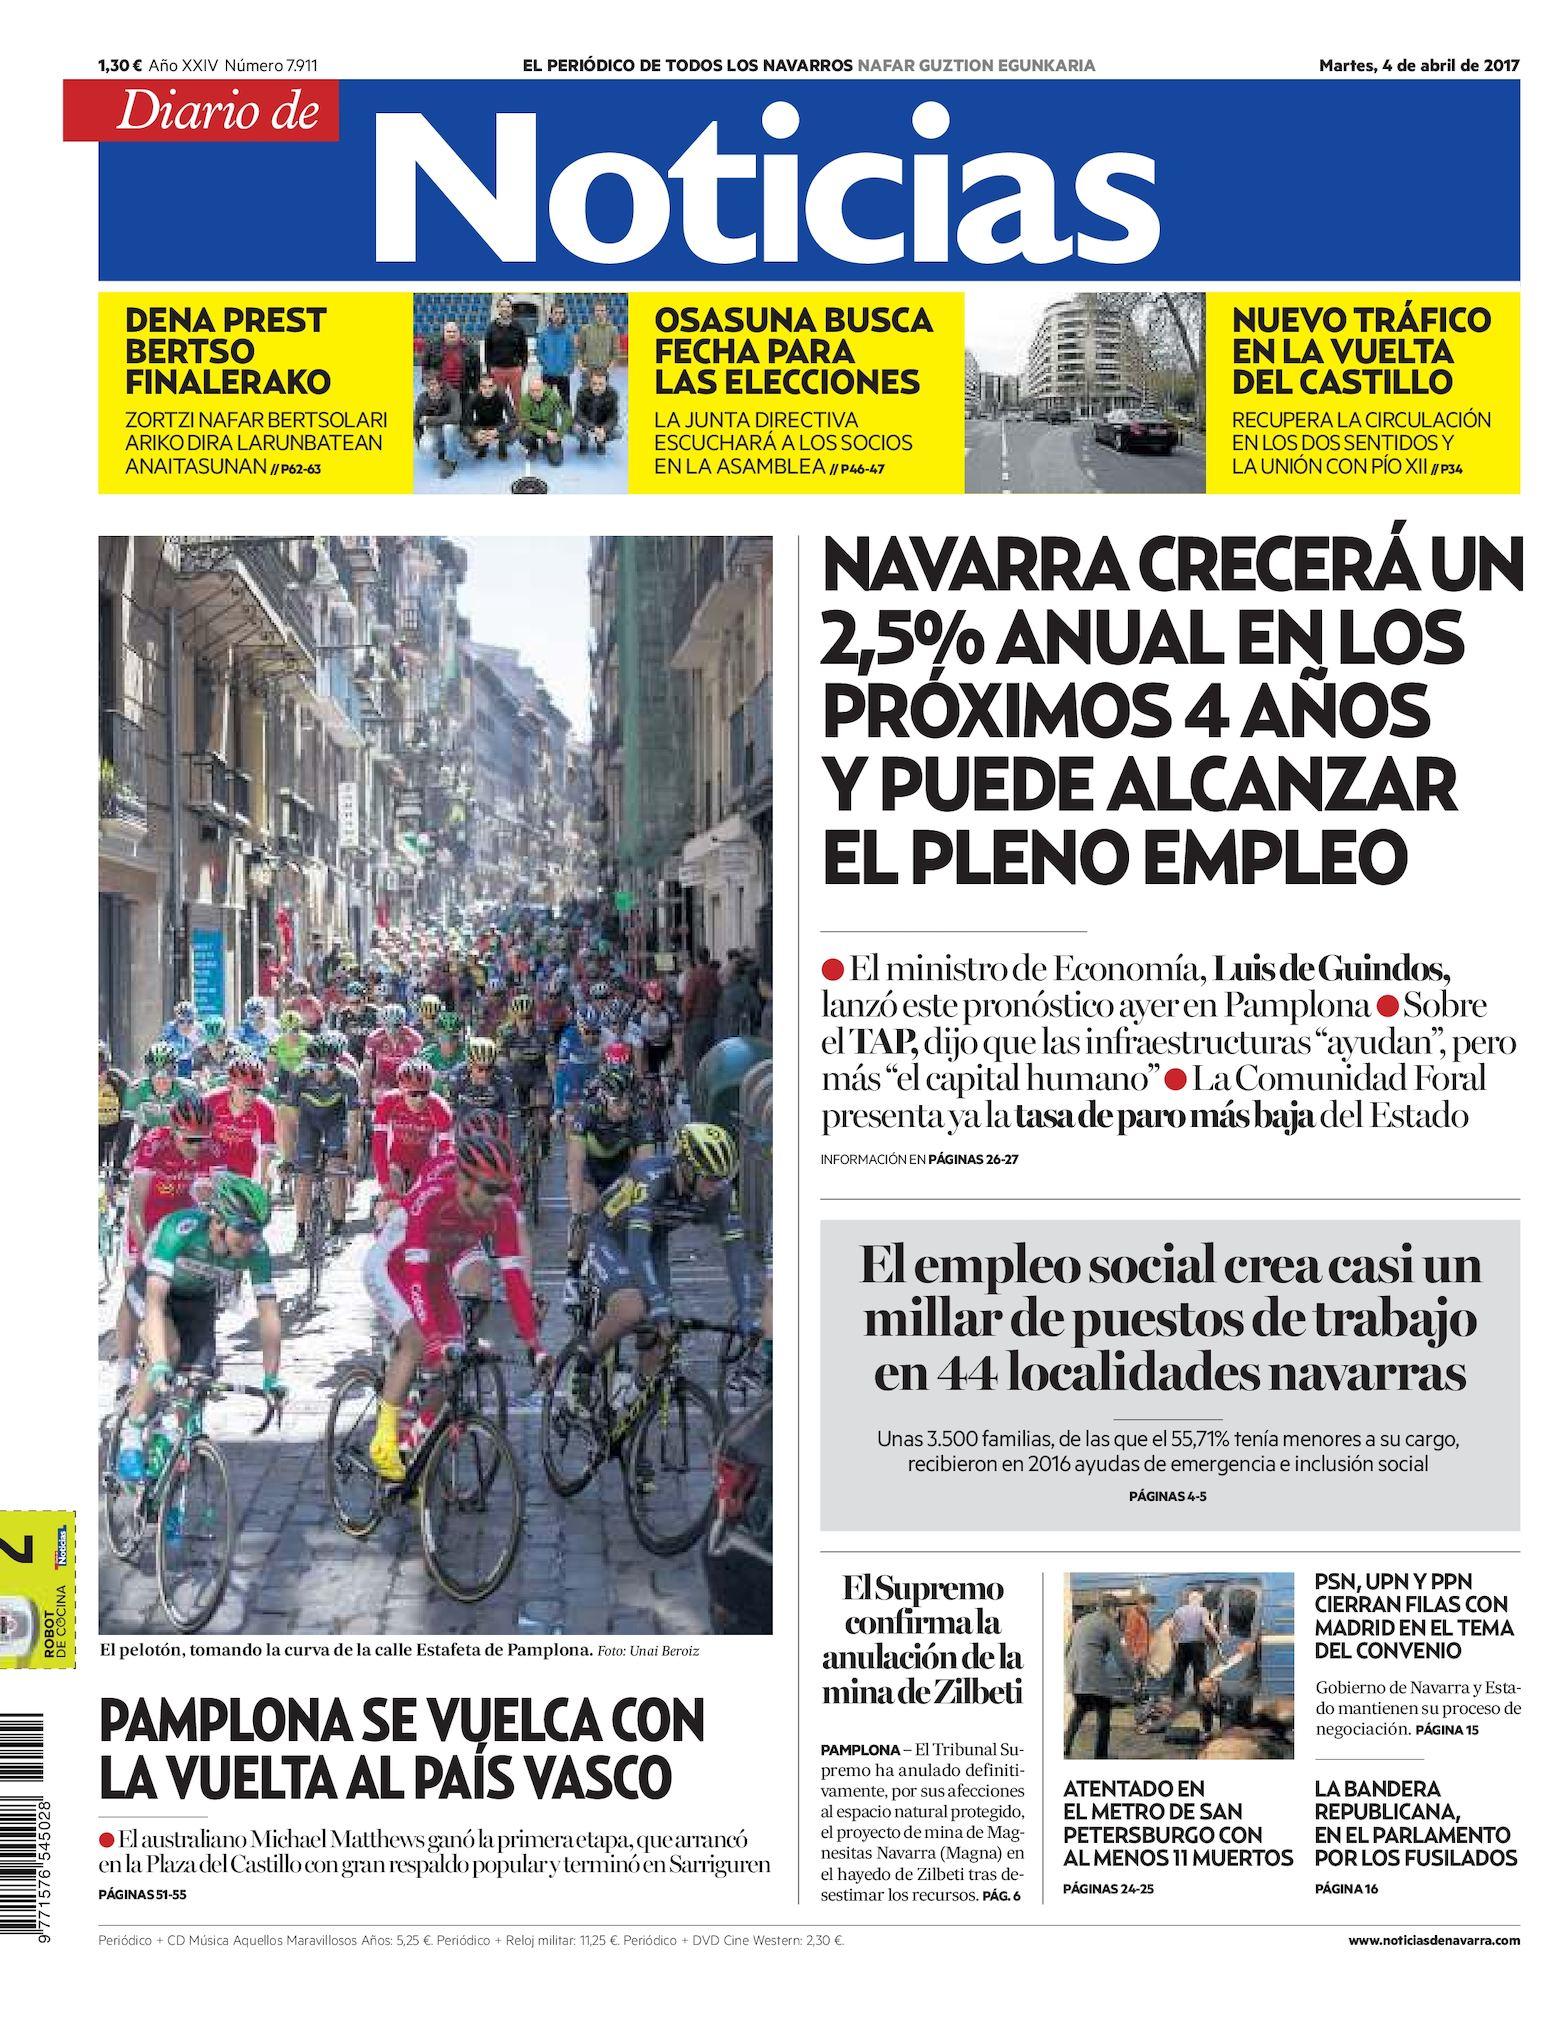 Diario Noticias 20170404 Diario Calaméo De 20170404 Calaméo Diario Calaméo De De Noticias pLzjSUGMVq